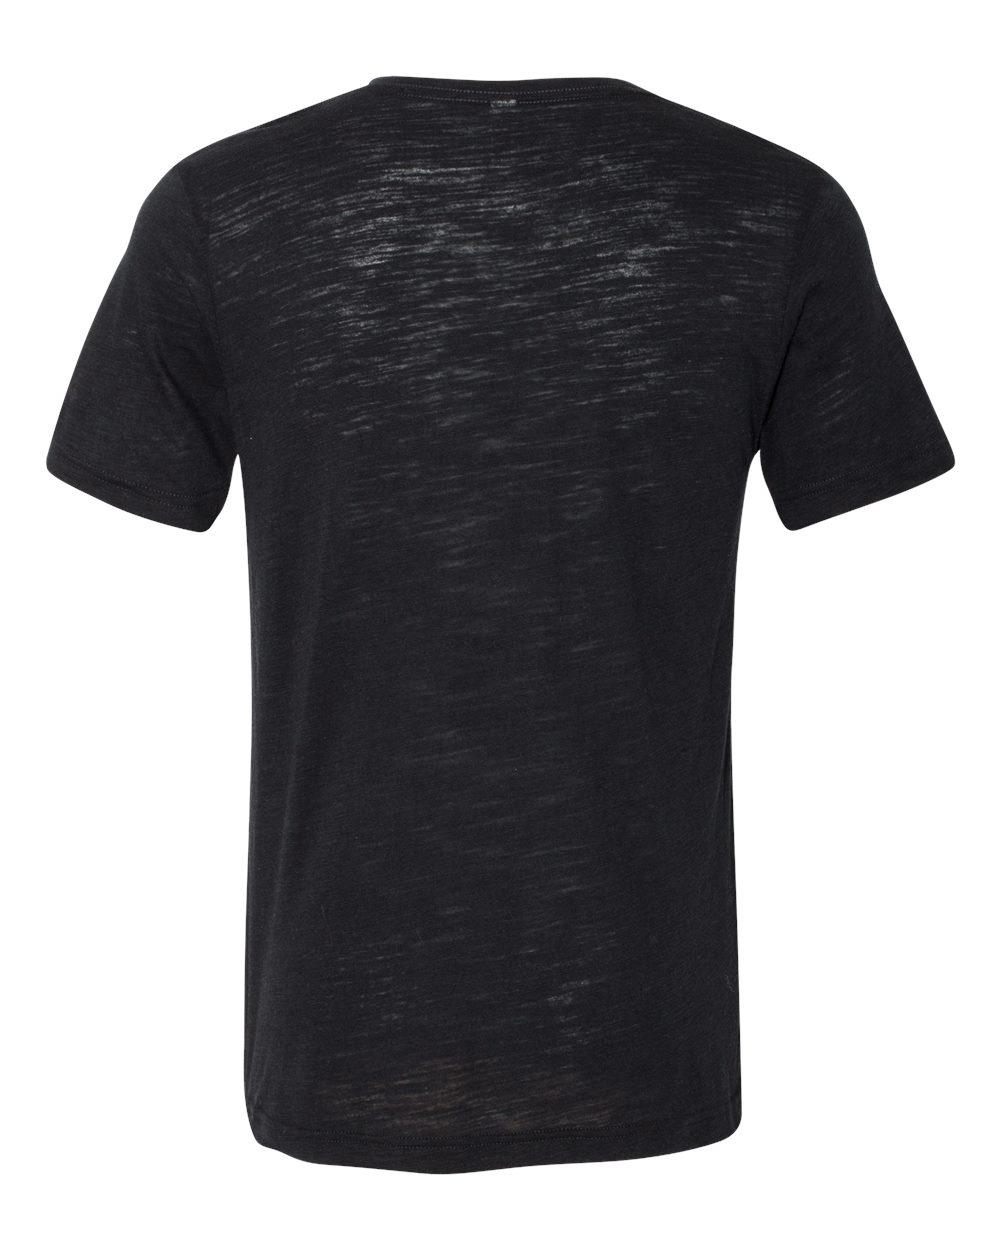 Bella-Canvas-Men-039-s-Jersey-Short-Sleeve-V-Neck-T-Shirt-3005-XS-3XL thumbnail 134